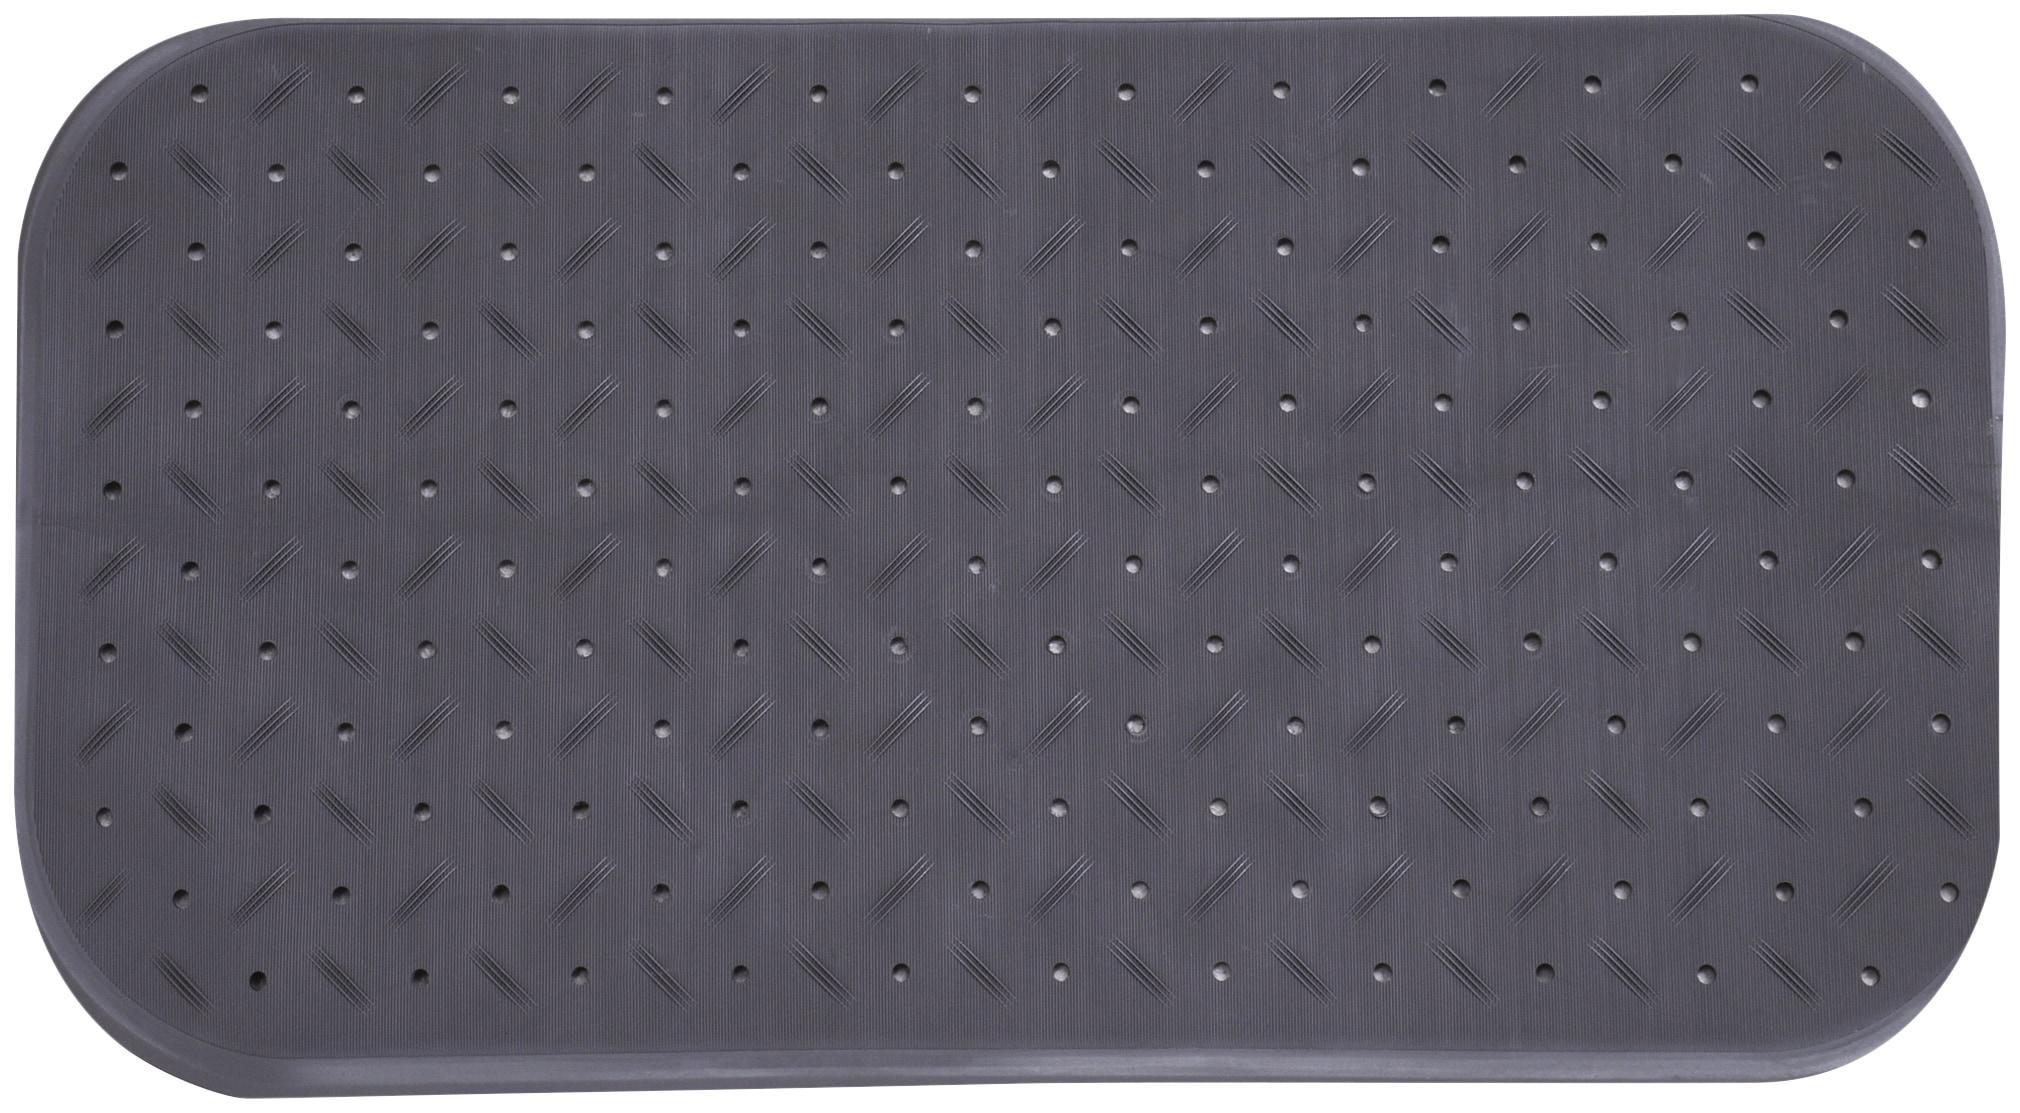 MSV Wanneneinlage CLASS PREMIUM, rutschfest, BxH: 76 x 36 cm | Bad > Badewannen & Whirlpools | Msv